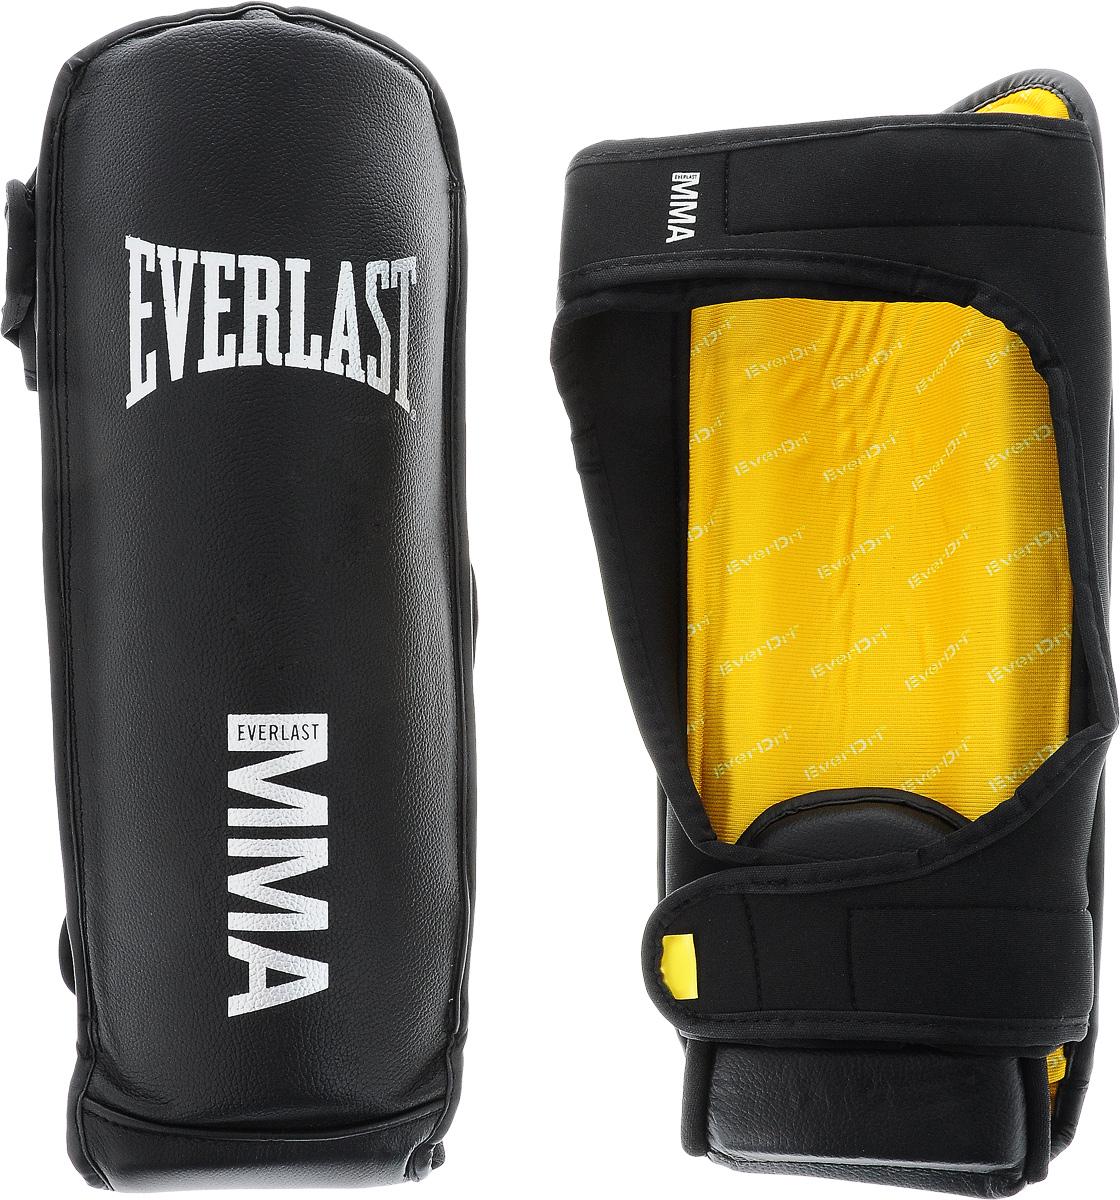 Защита голени и стопы Everlast Grappling, цвет: черный, светло-серый. Размер S/M7950SMUЗащита голени и стопы Everlast Grappling спроектирована специально для ММА. Верх выполнен из высококачественной натуральной кожи. Акцентированное расположение пенного наполнителя обеспечивает отличную защиту. Закрепляется на ноге при помощи ремня на липучке.